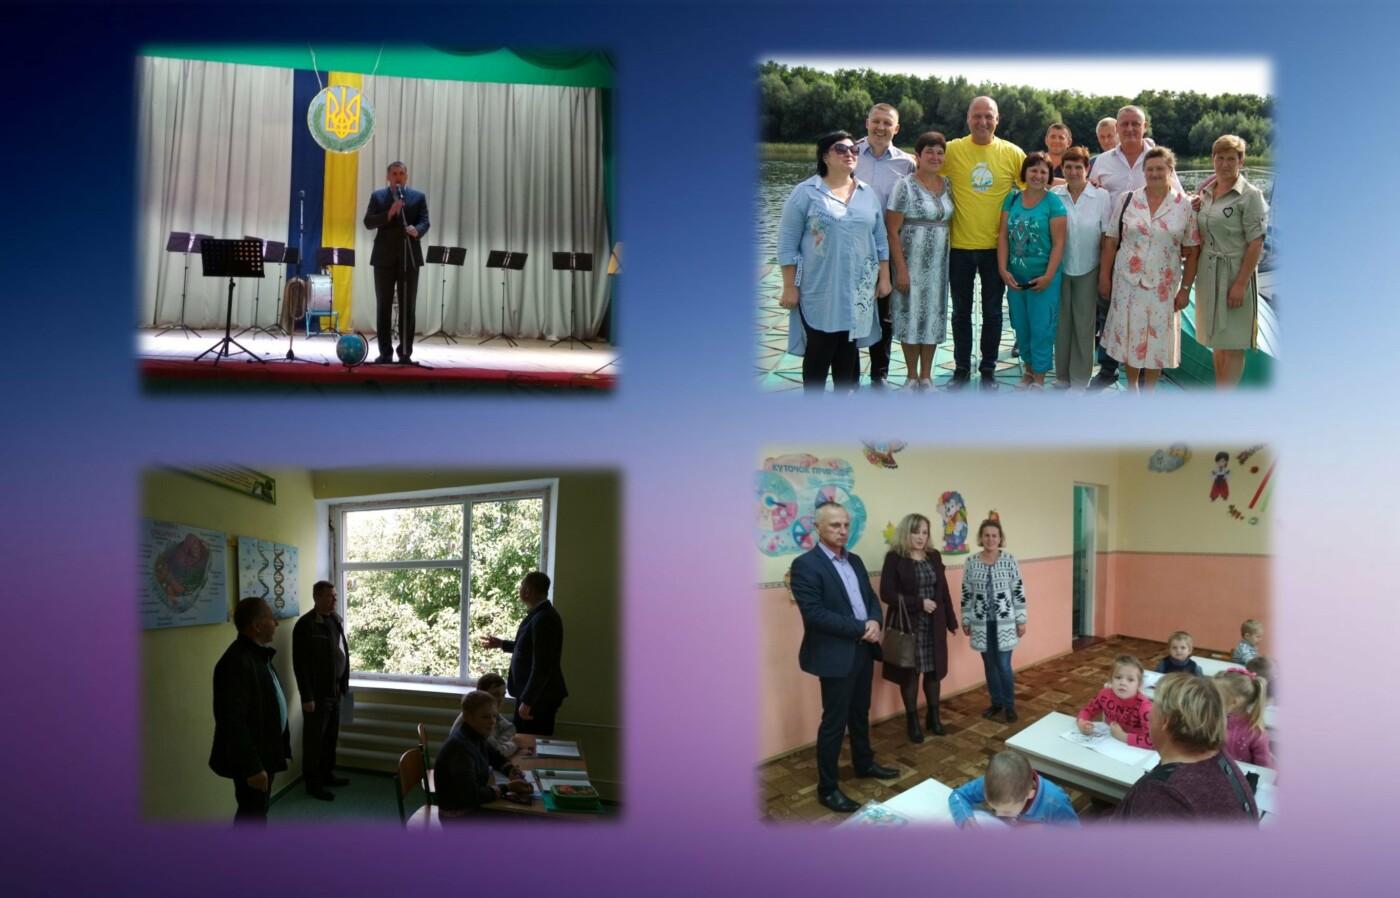 Децентралізація в дії: Староушицька ОТГ звітує про перший рік роботи, фото-9